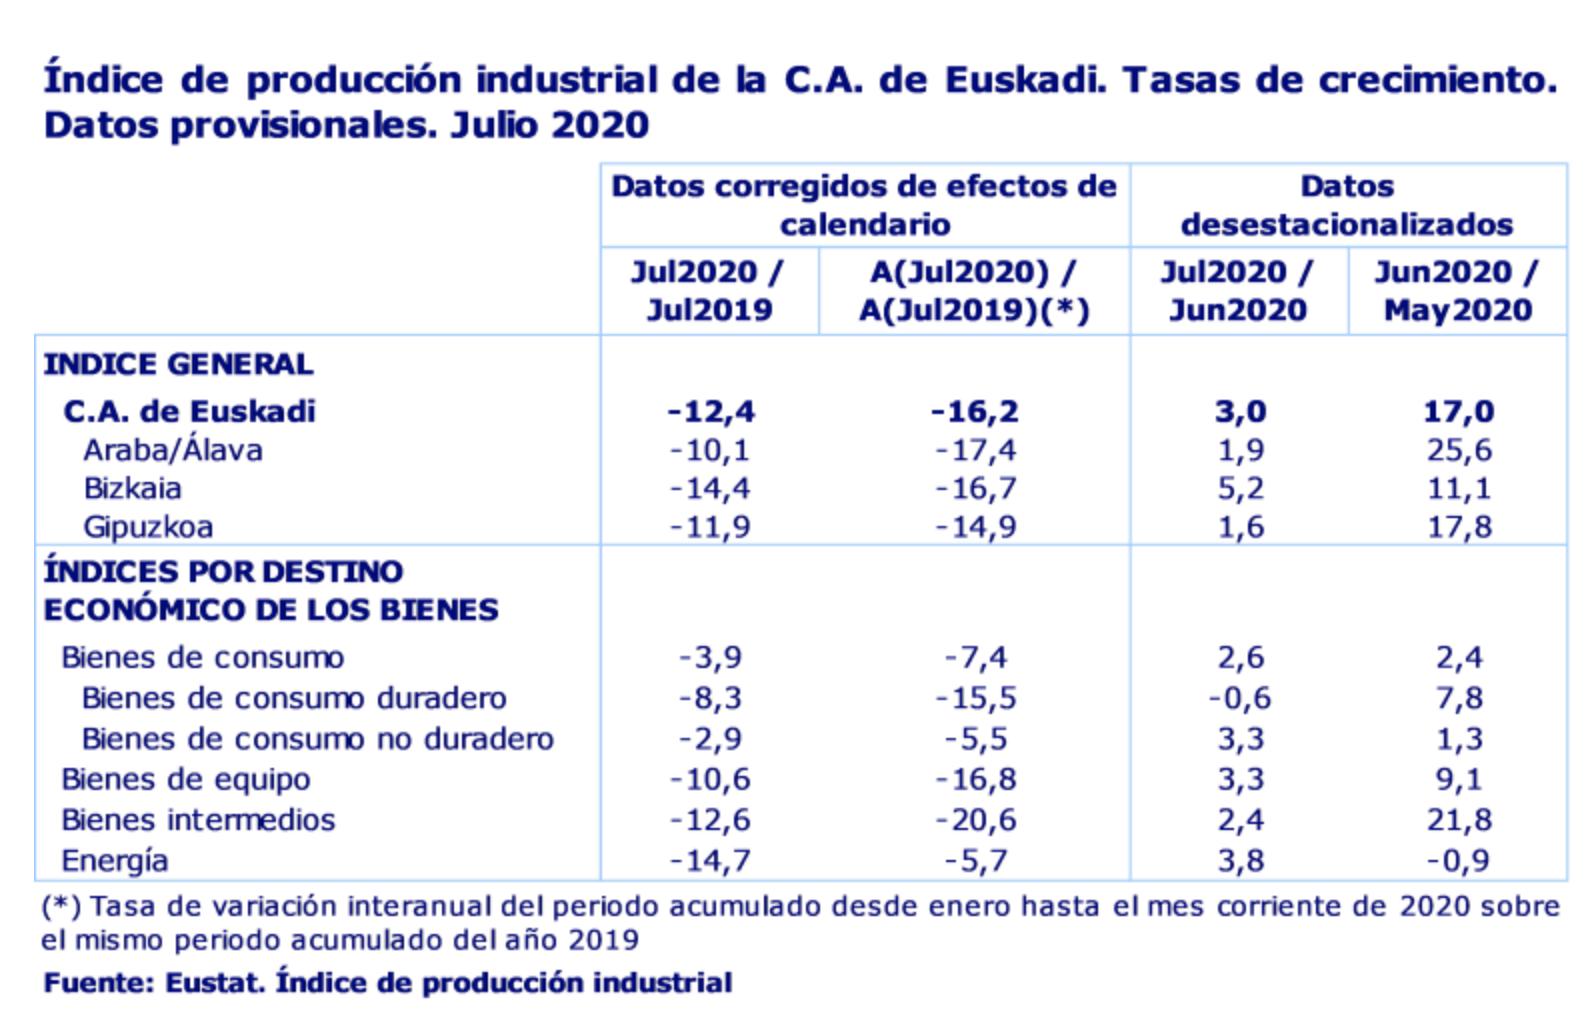 La actividad industrial de la C.A. de Euskadi desciende un 12,4% en julio de 2020 3